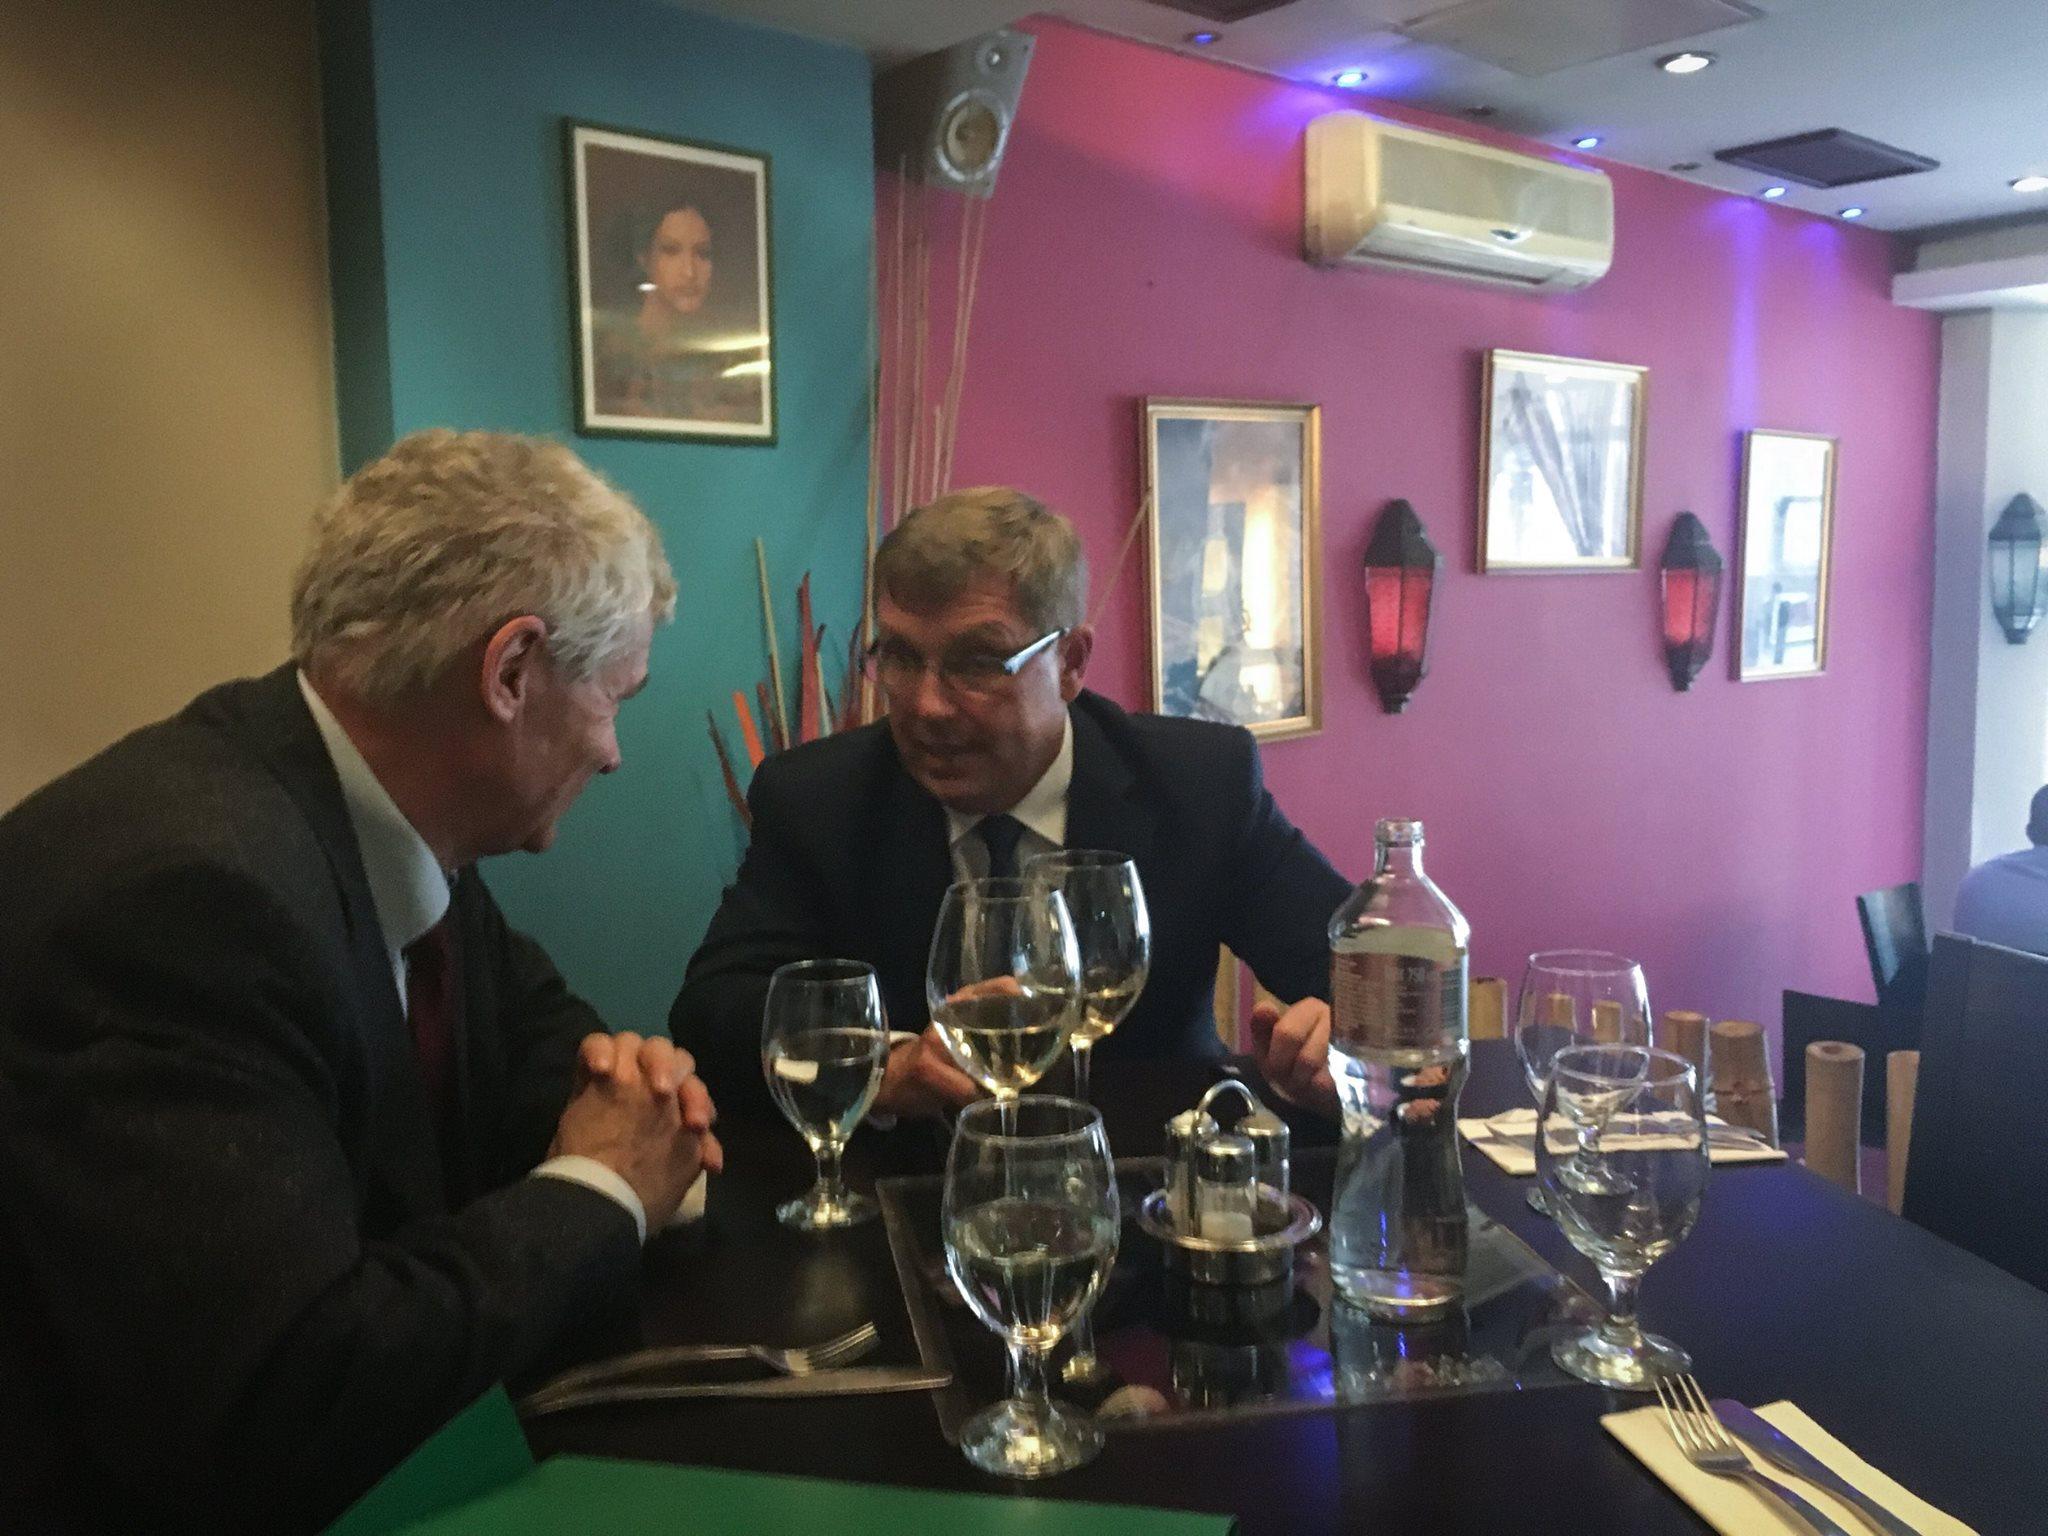 Tegnap az ügyészséghez fordultak az MNB ügyei miatt -> ma Polt Péter és Matolcsy György elmentek ebédelni egyet